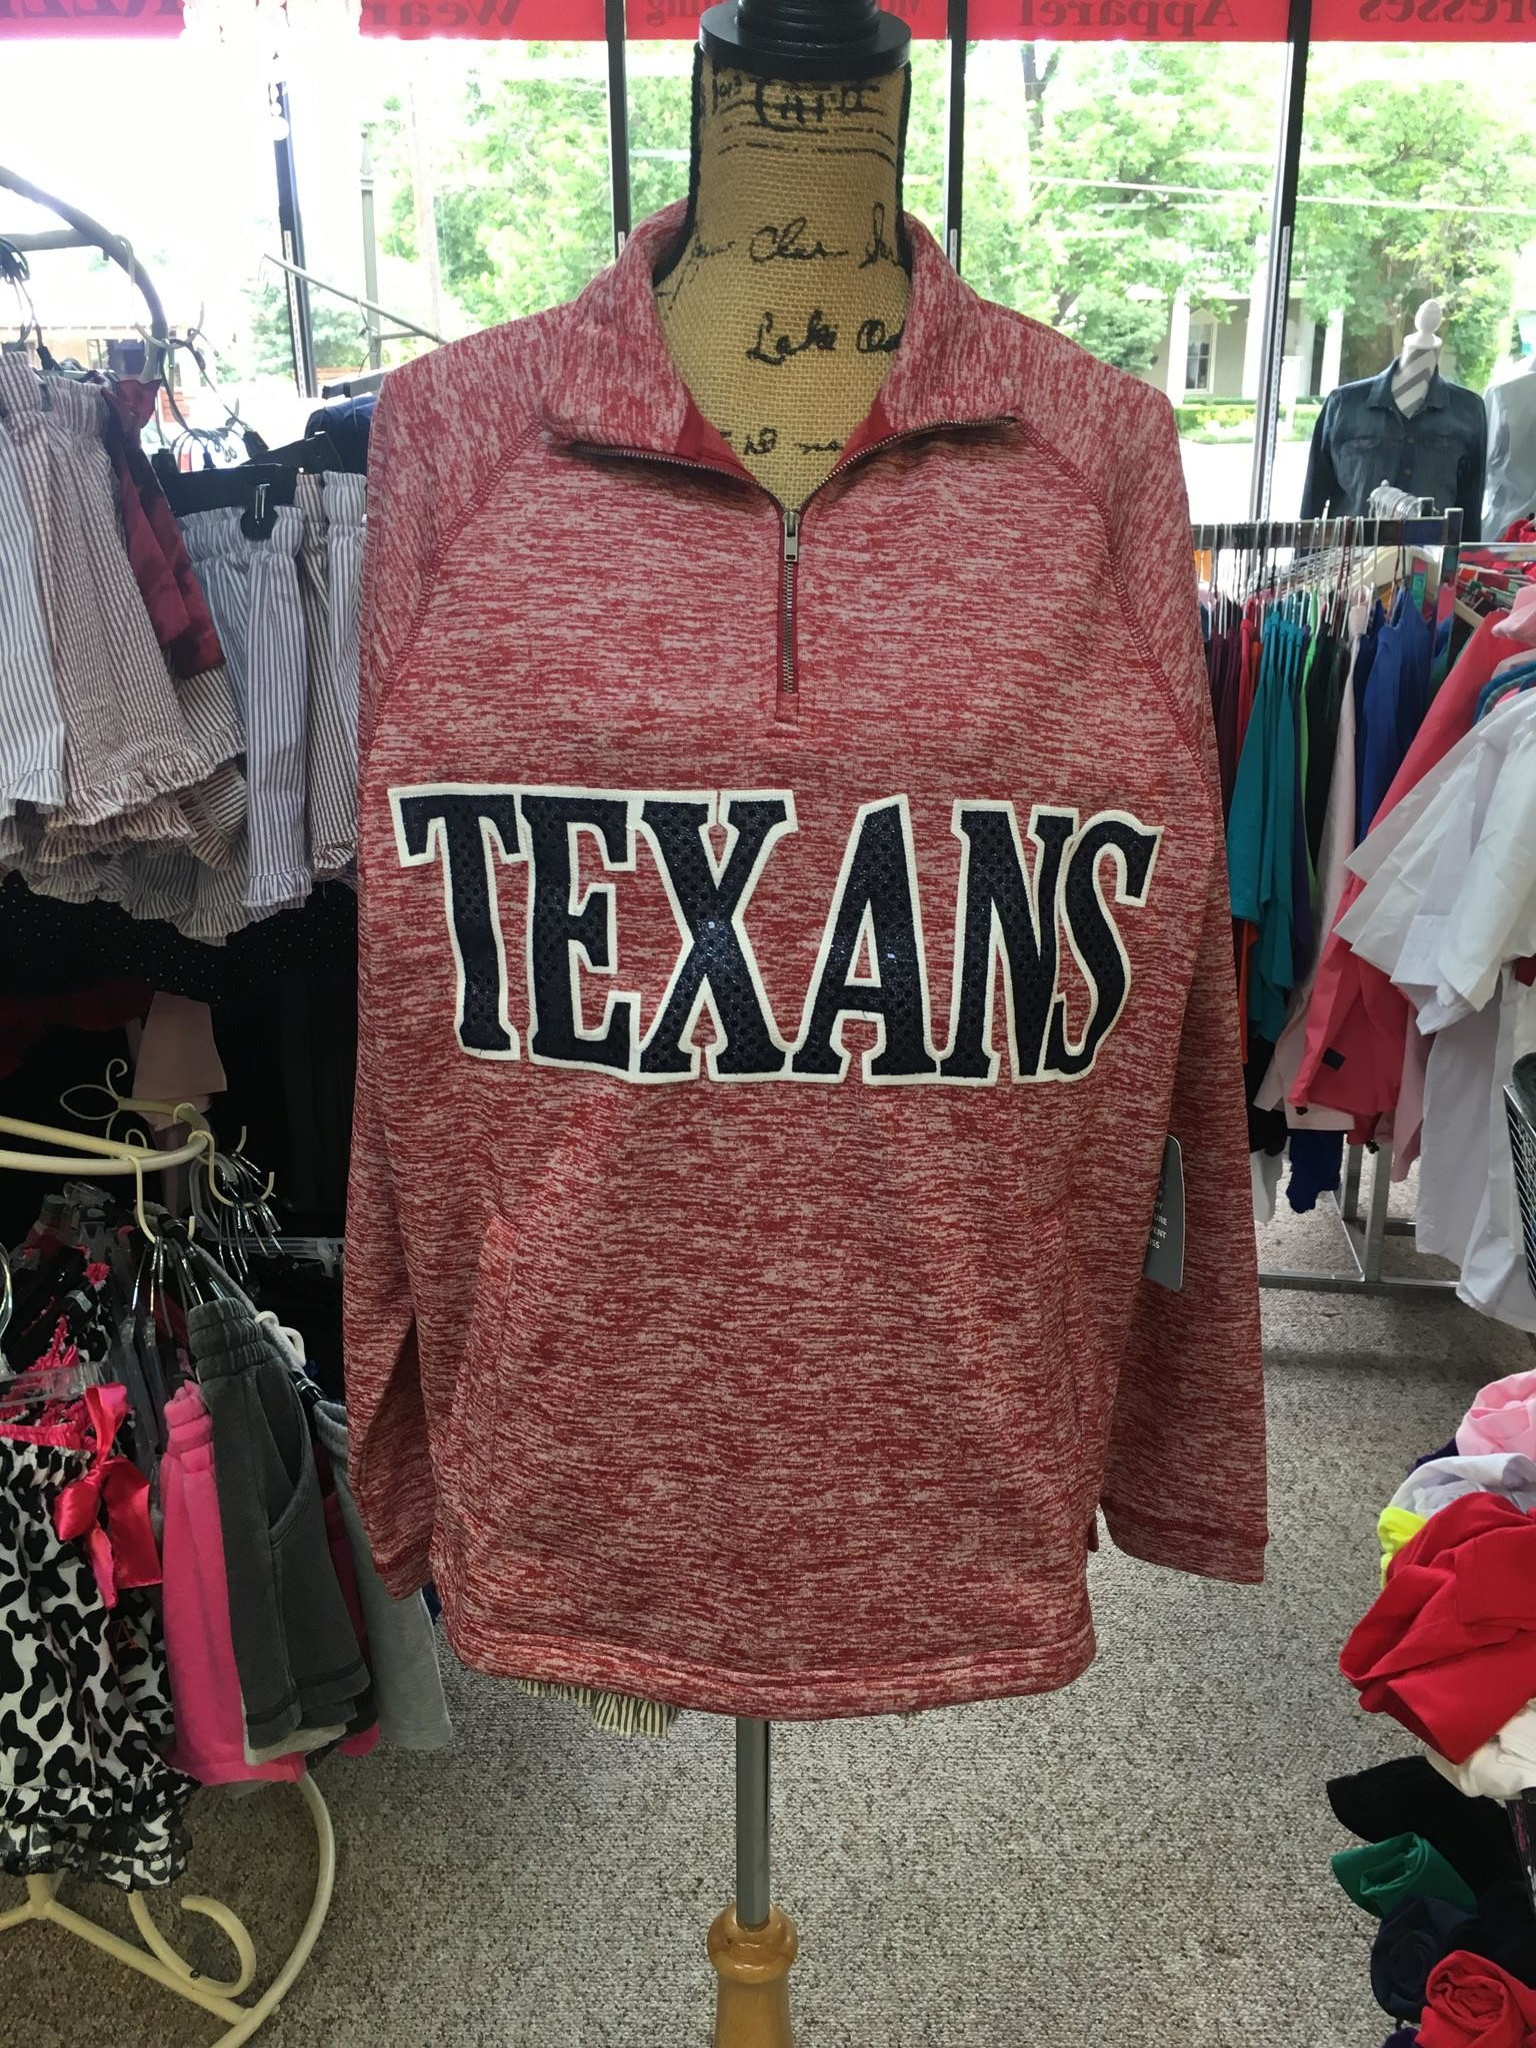 Wimberley Texans 1/4 Zip Jacket